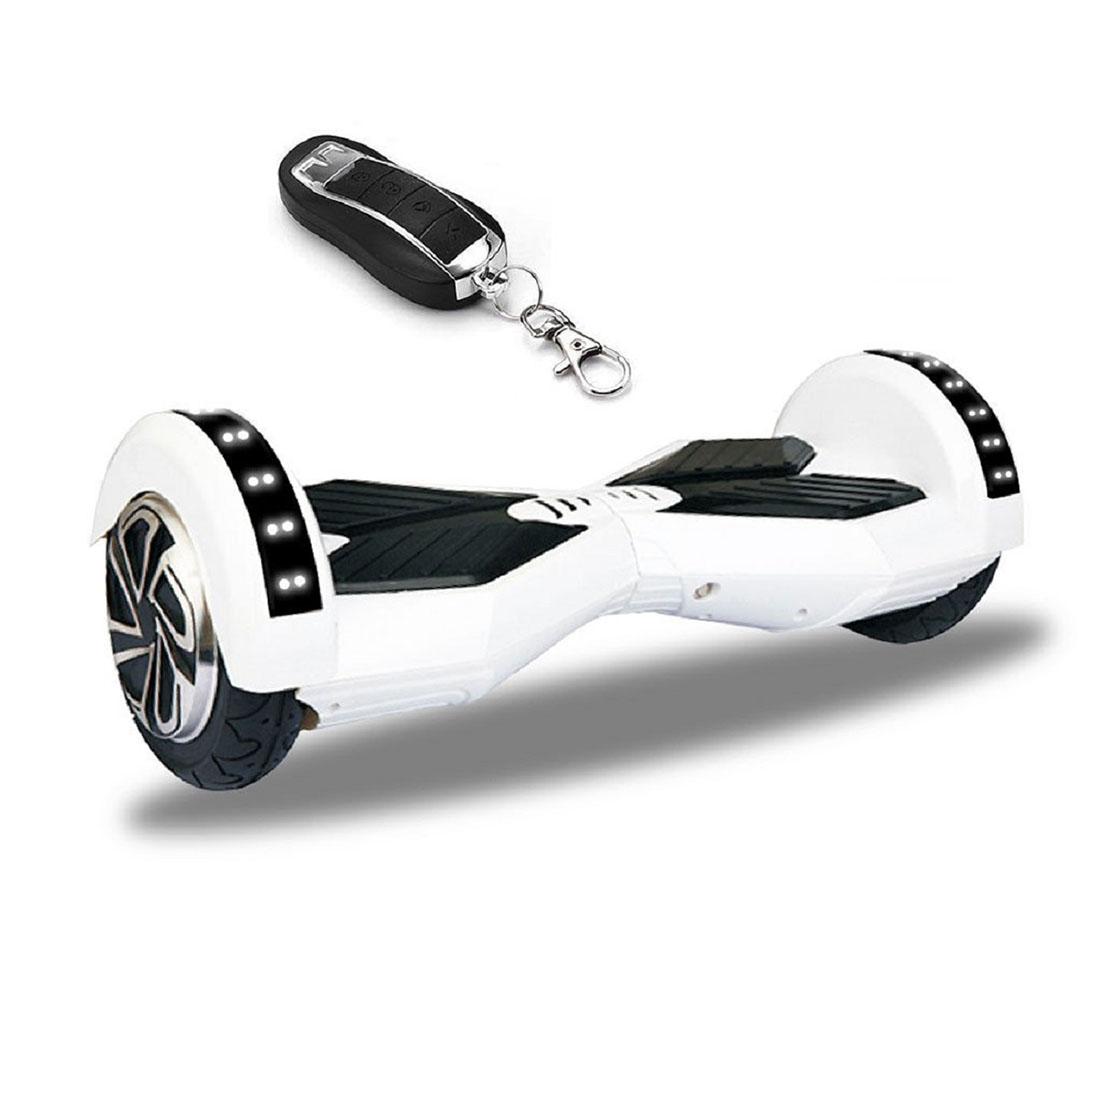 Hybrid 6.5